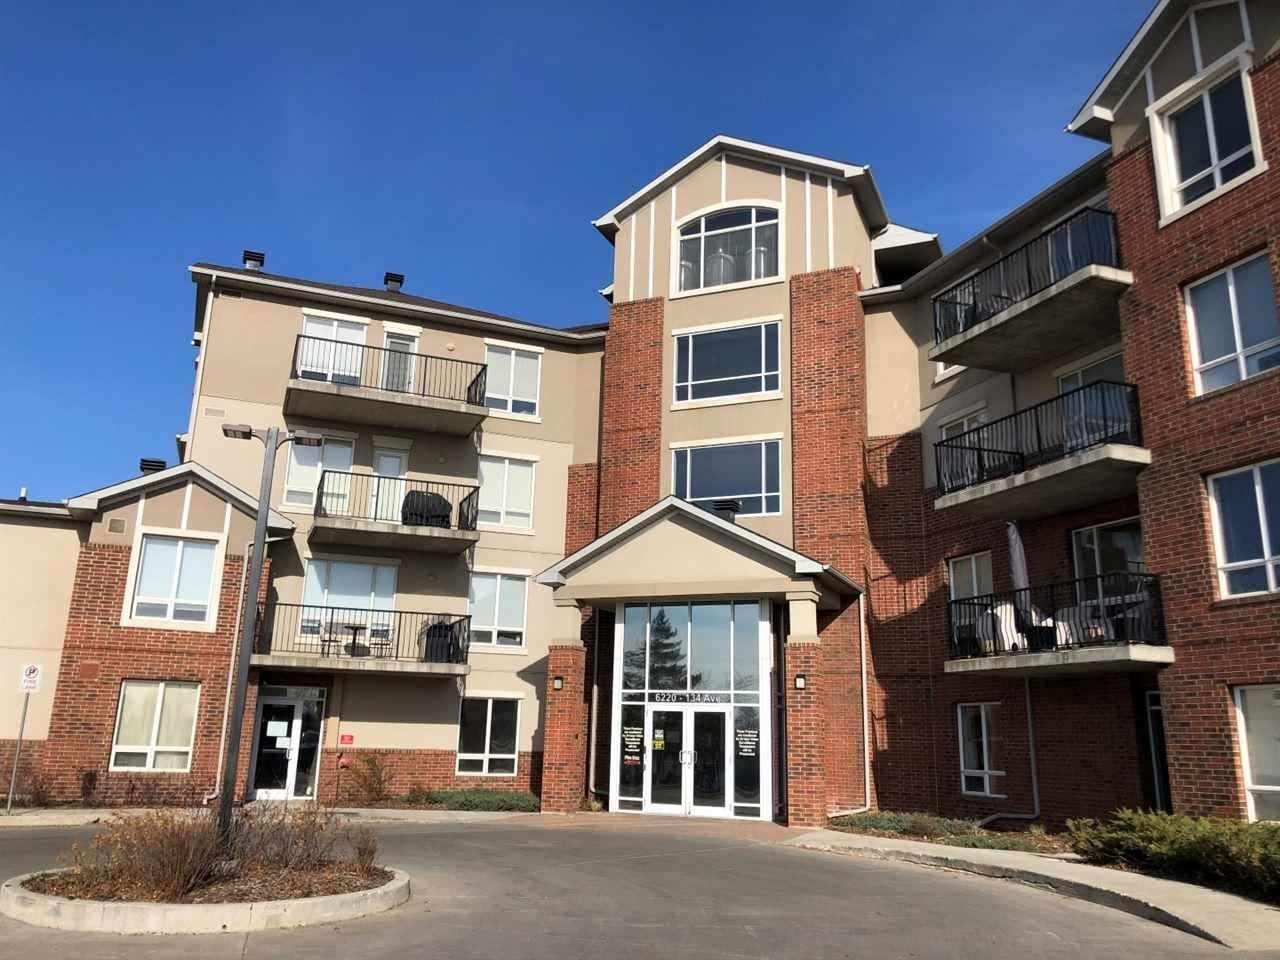 Main Photo: 6220 134 Avenue in Edmonton: Zone 02 Condo for sale : MLS®# E4240861